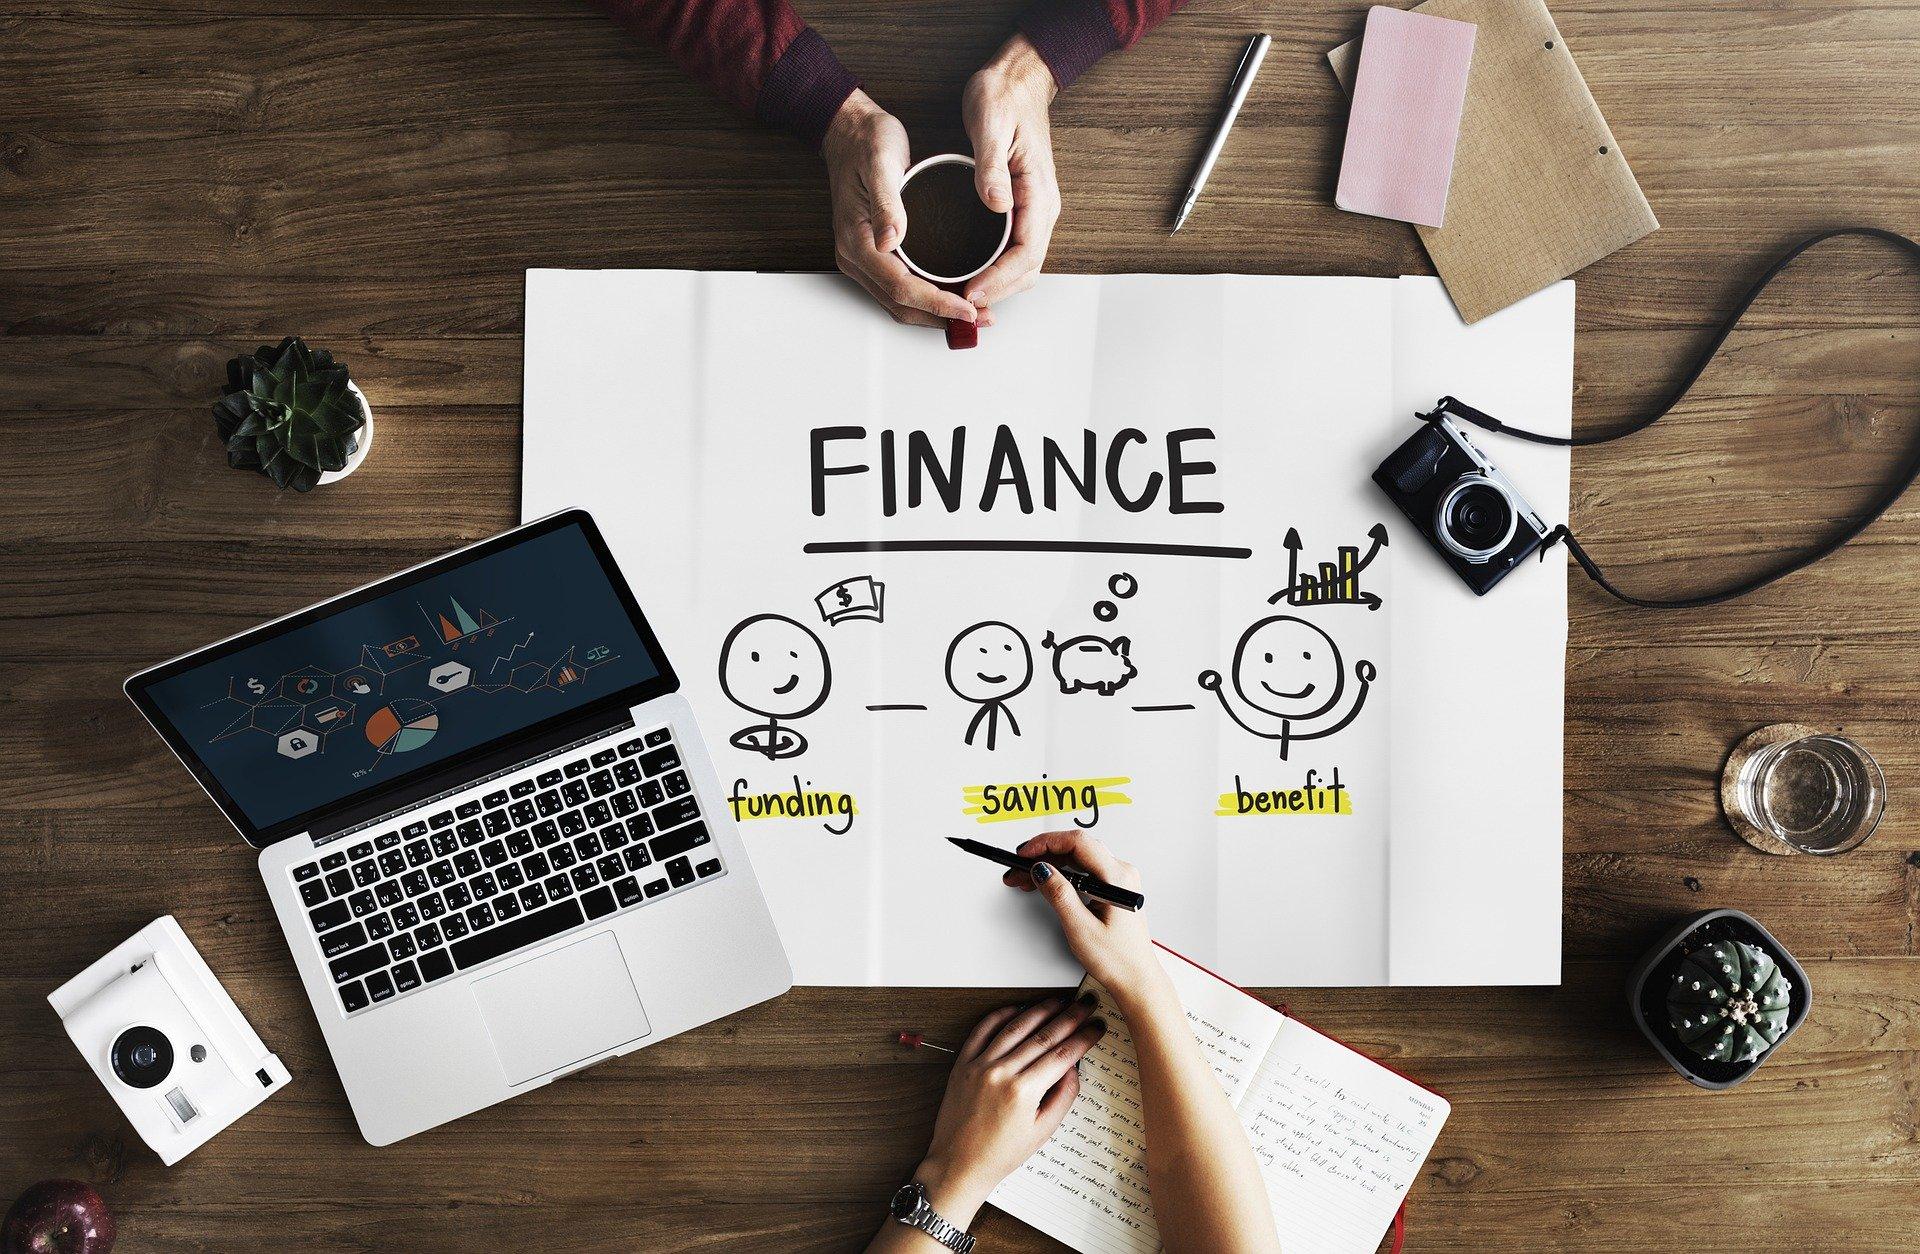 Entreprises : comment financer son développement ?